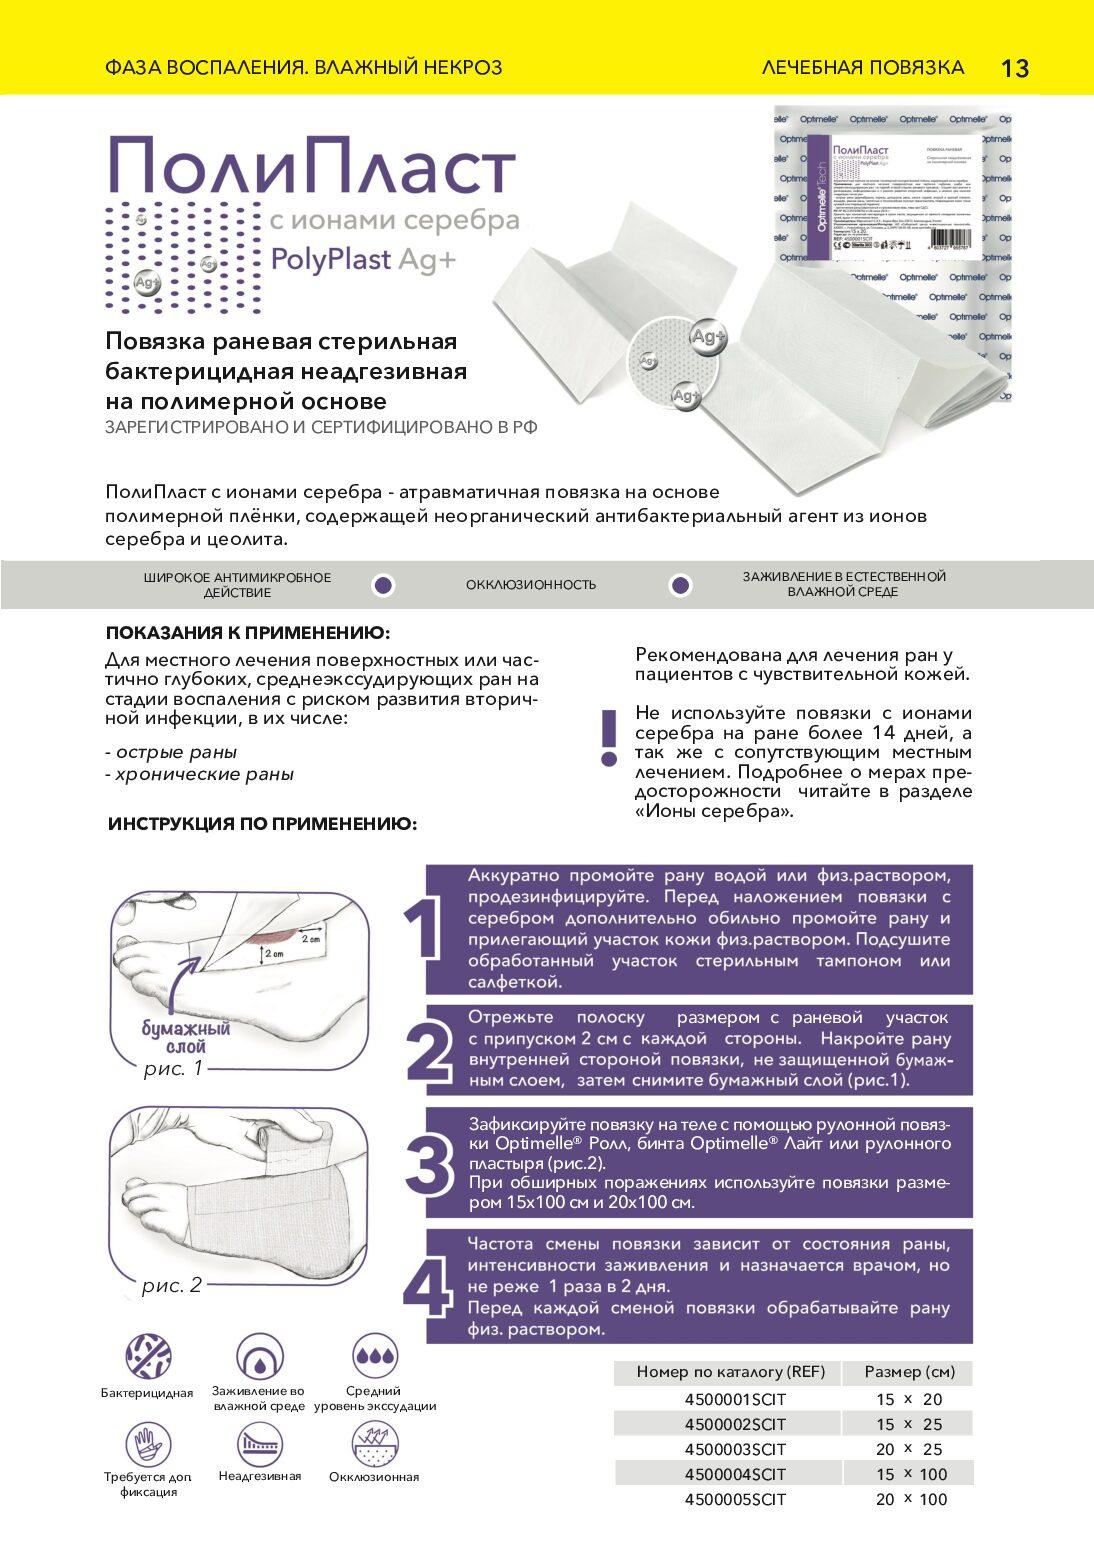 ПолиПласт с ионами серебра